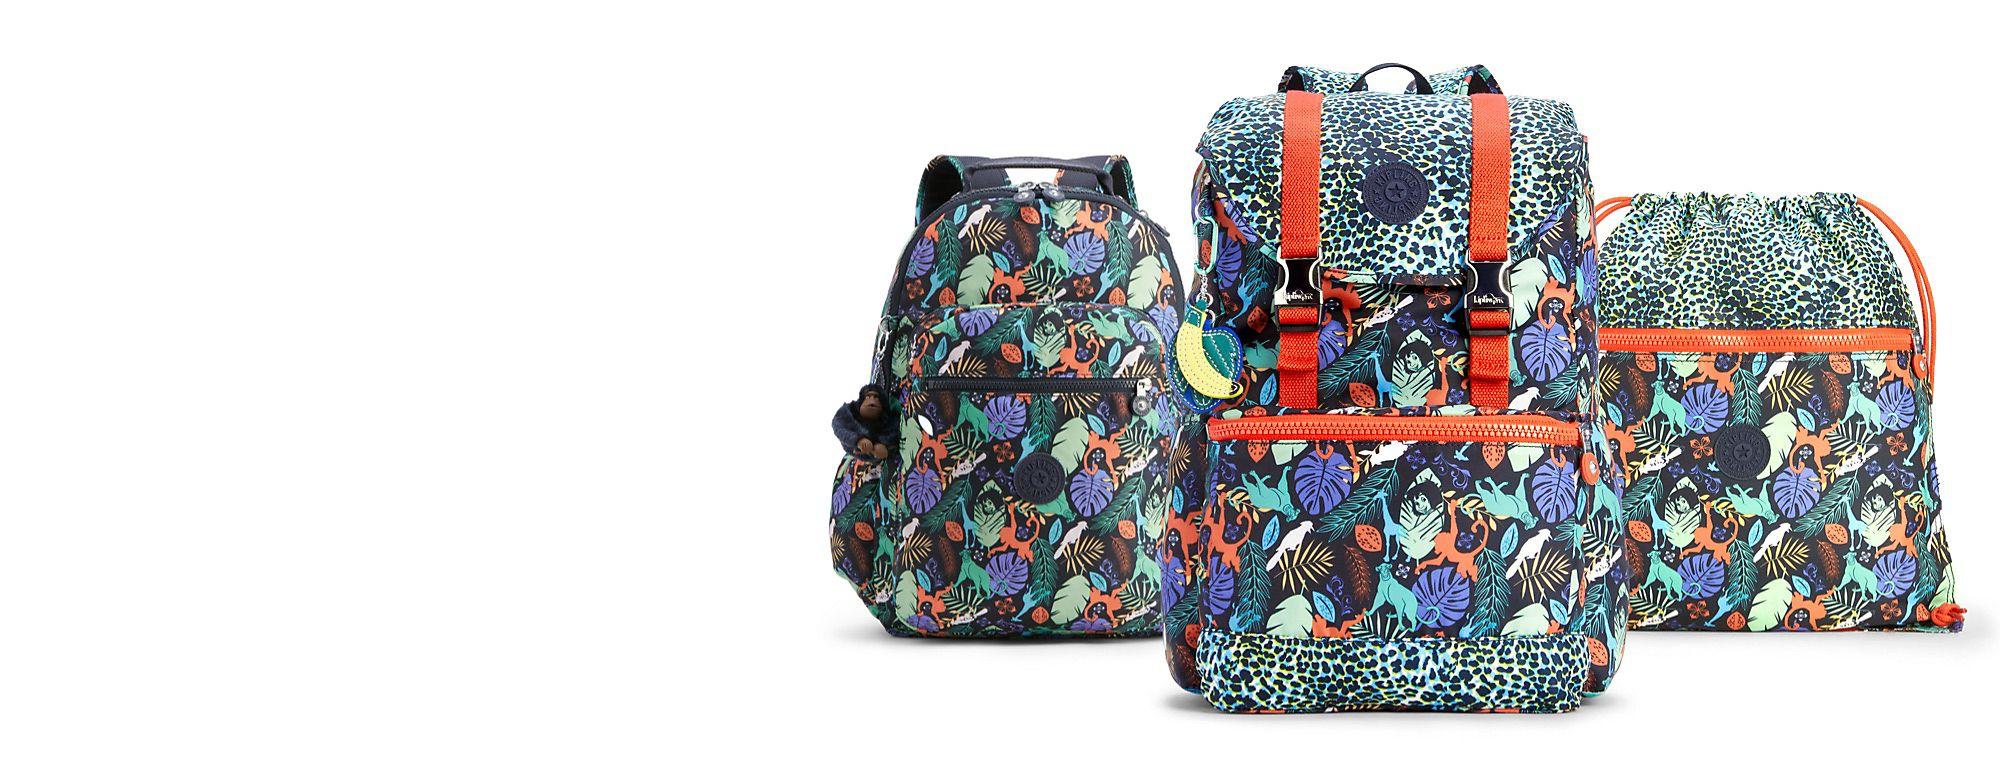 Kipling Lleva toda la magia de tus personajes favoritos de Disney en todo momento con las mochilas y accesorios de Kipling. ¡Descúbrelos! DESCUBRIR MÁS